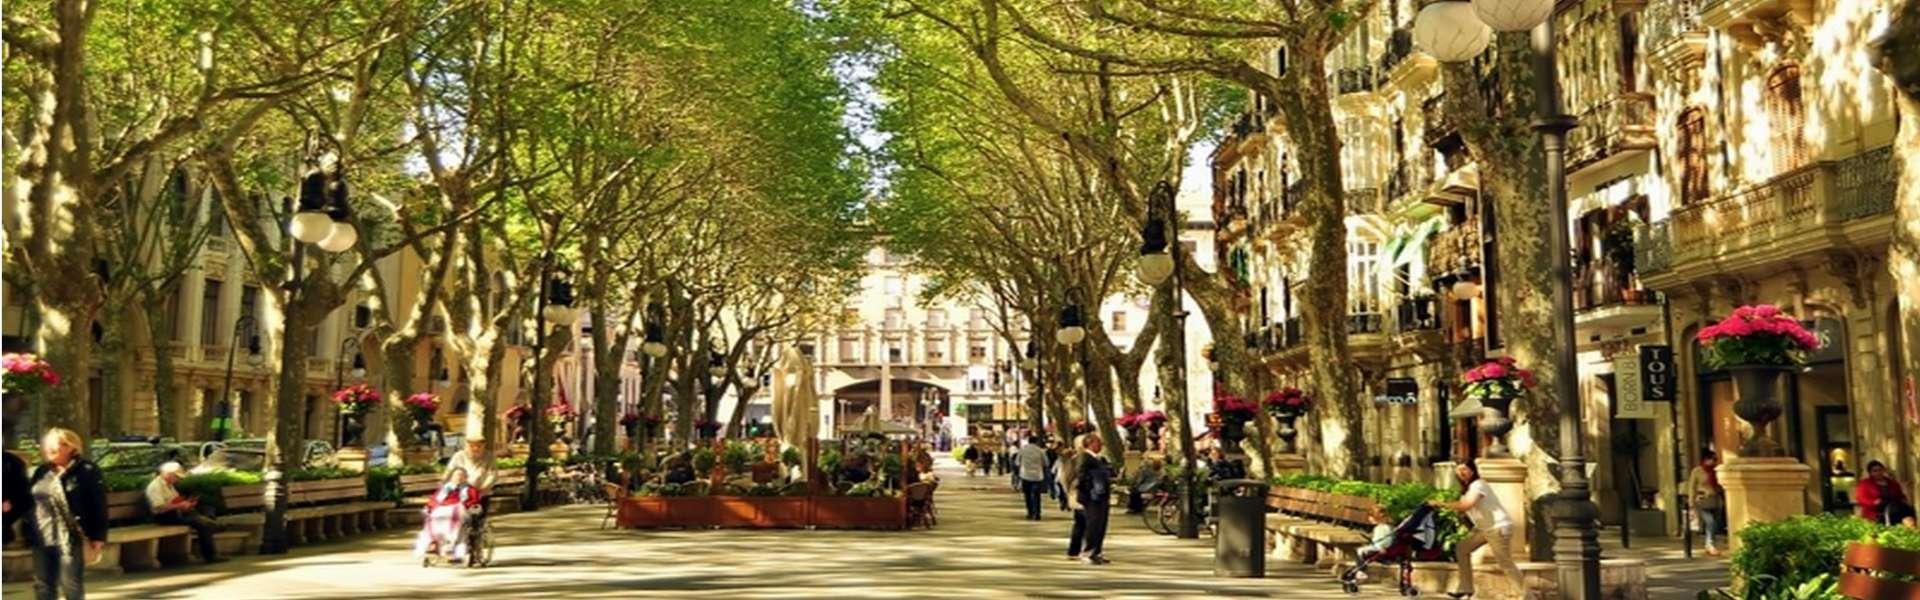 Palma/casco antiguo - Residencias de lujo (áticos) en el corazón de la ciudad